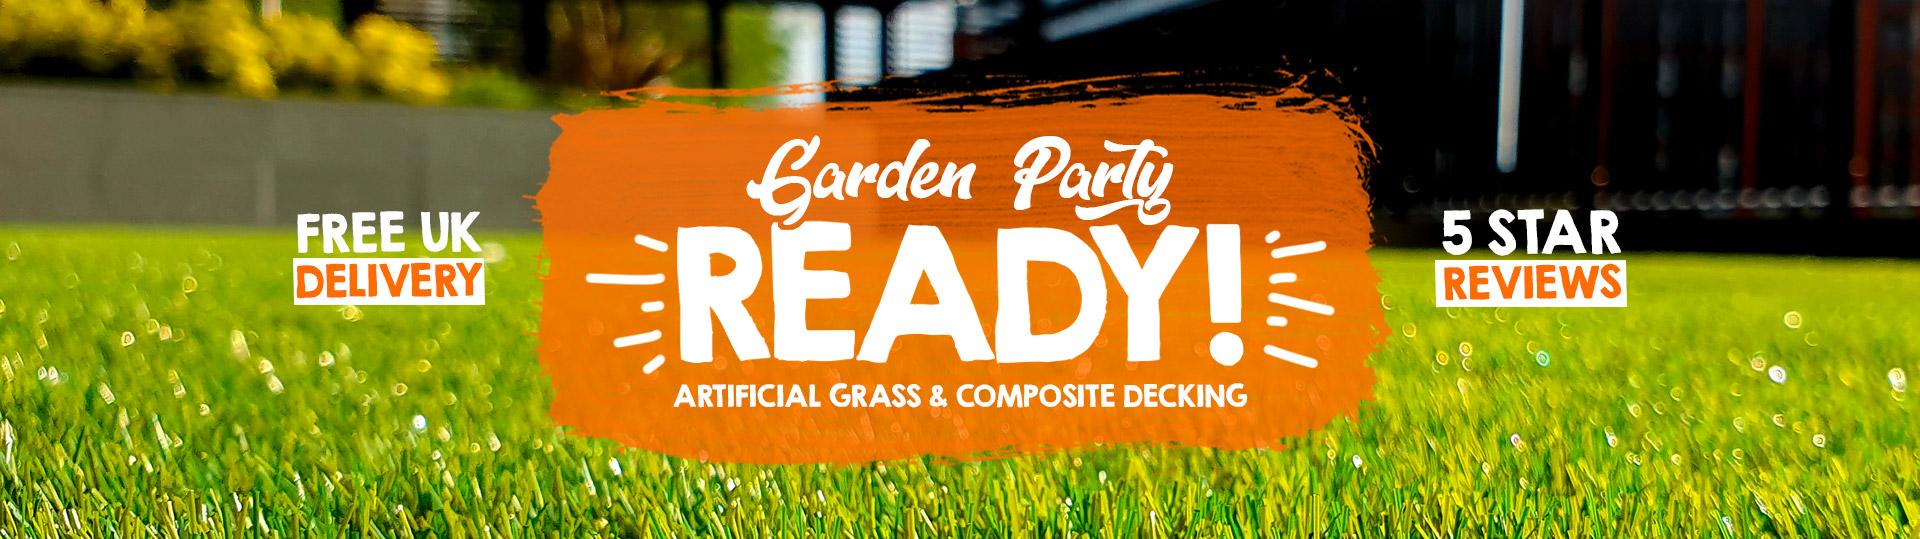 smaller garden party banner image